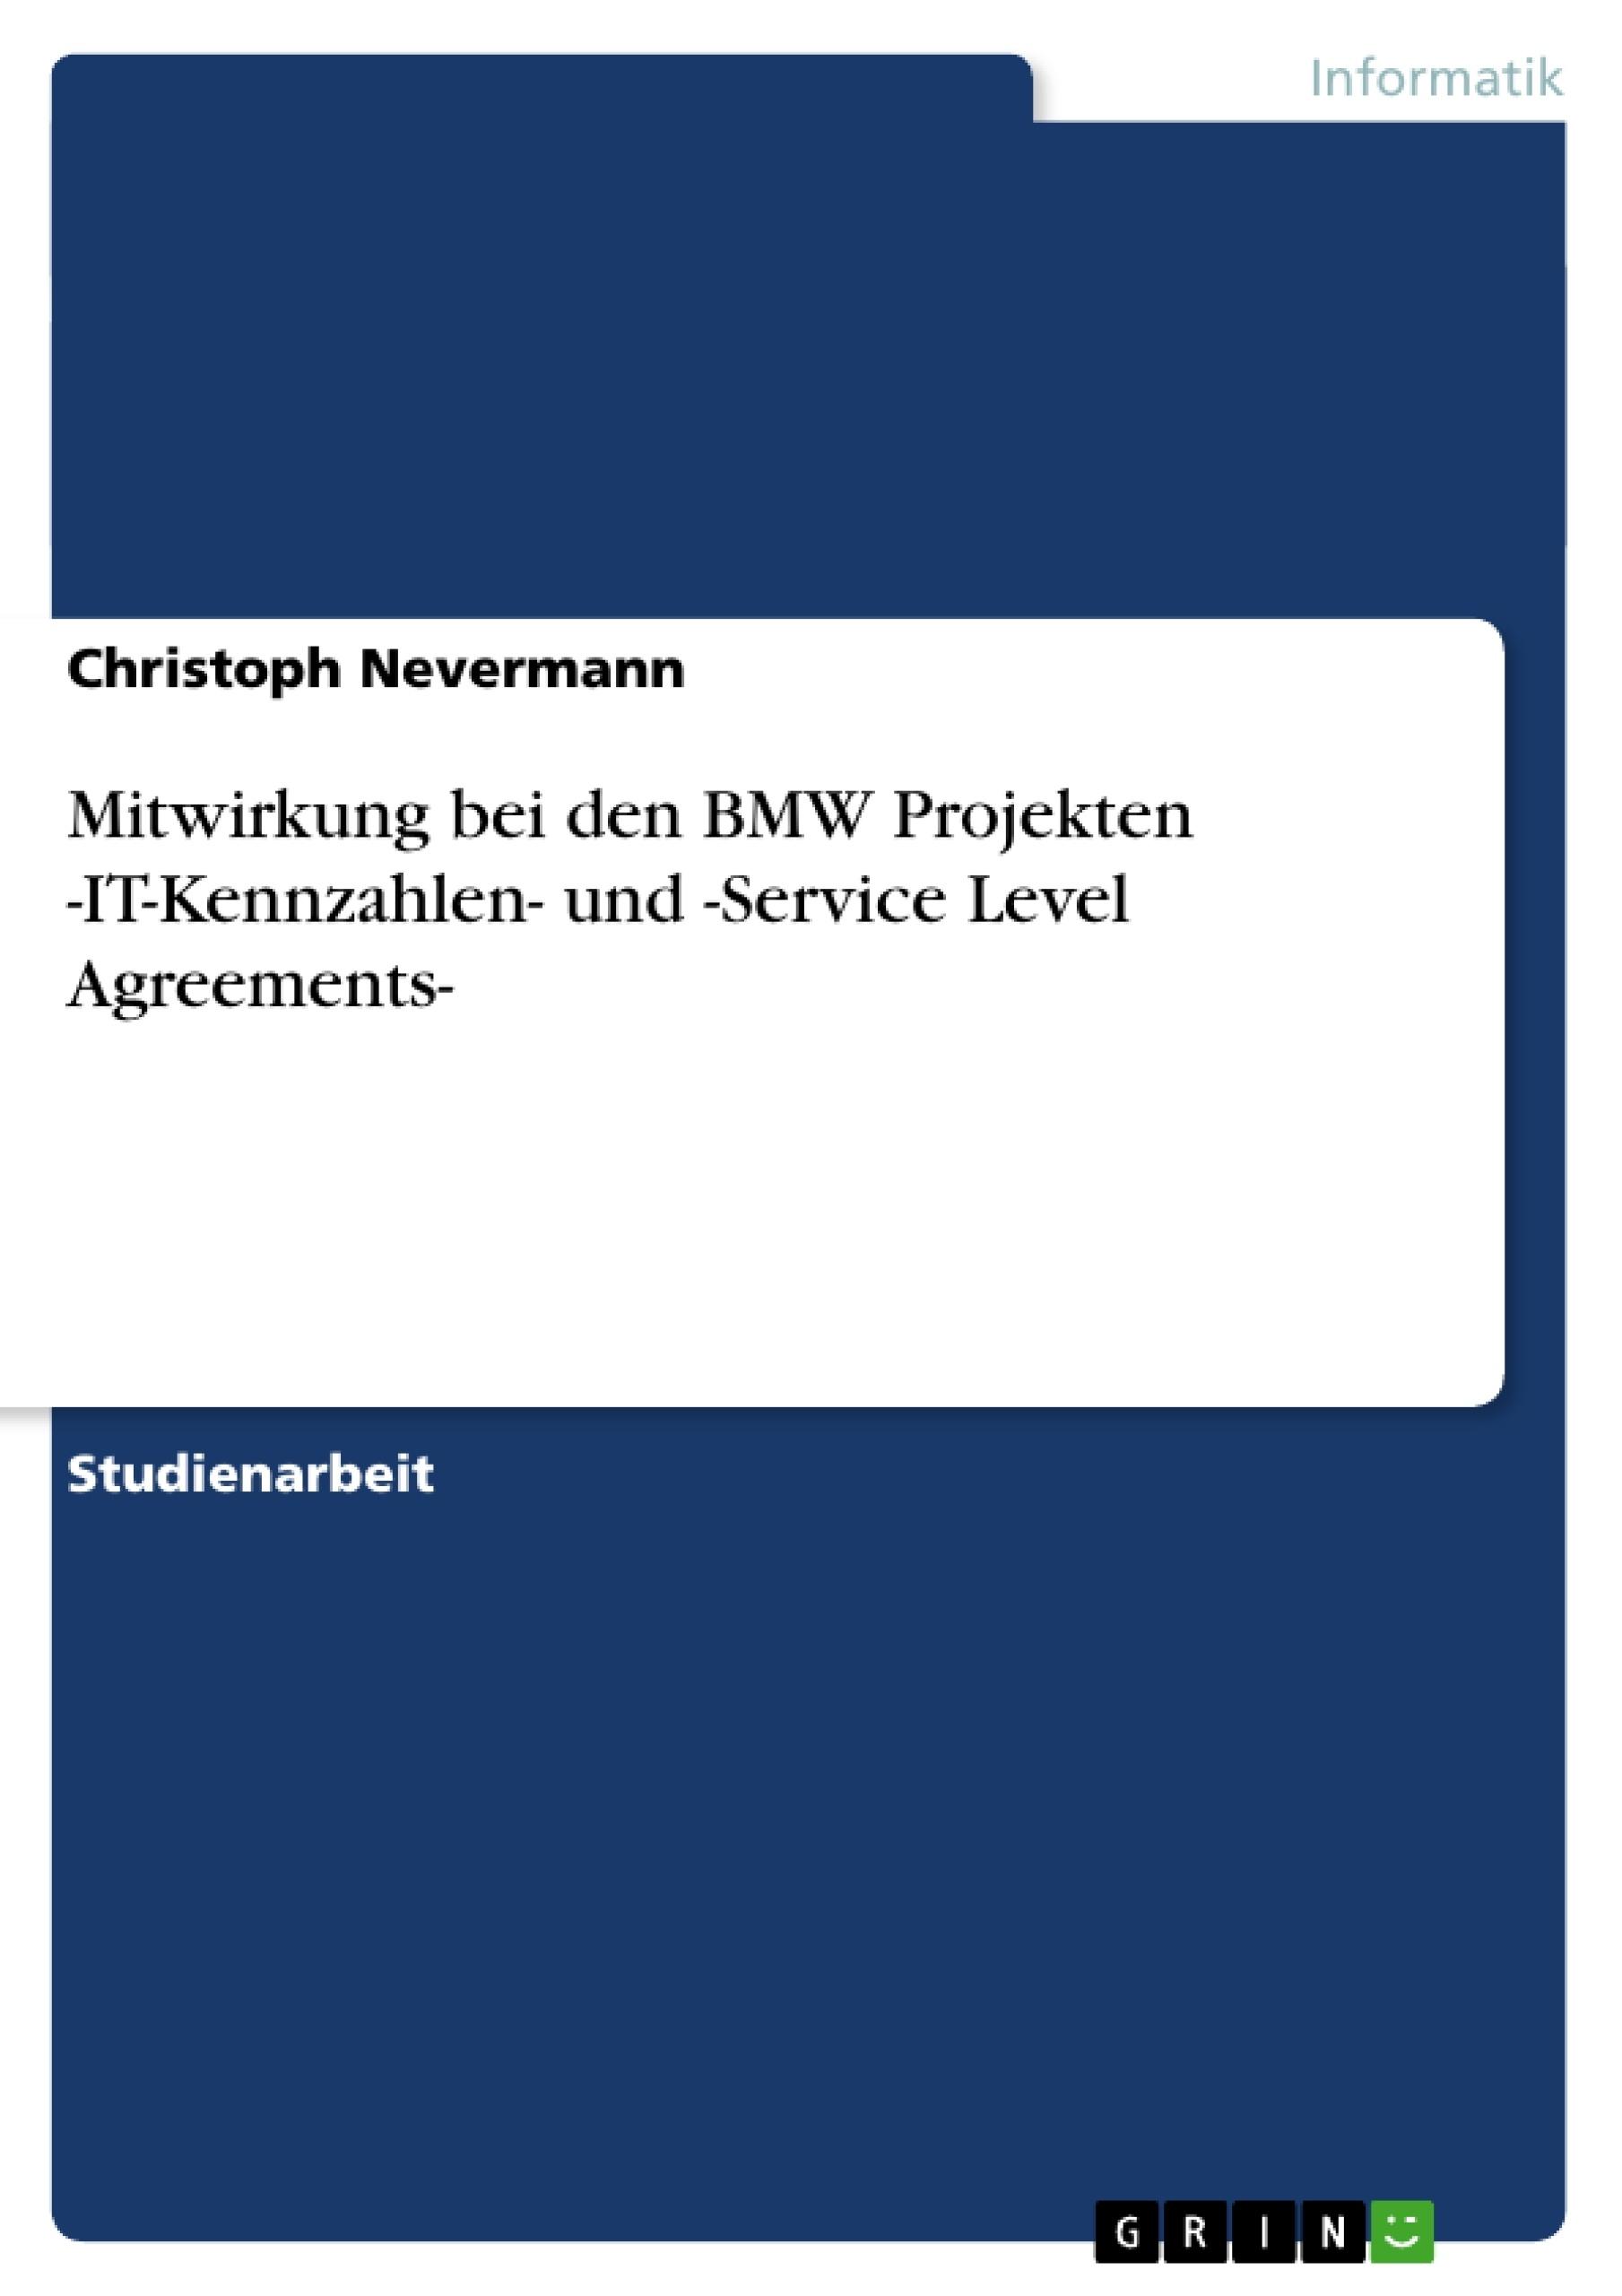 Titel: Mitwirkung bei den BMW Projekten -IT-Kennzahlen- und -Service Level Agreements-